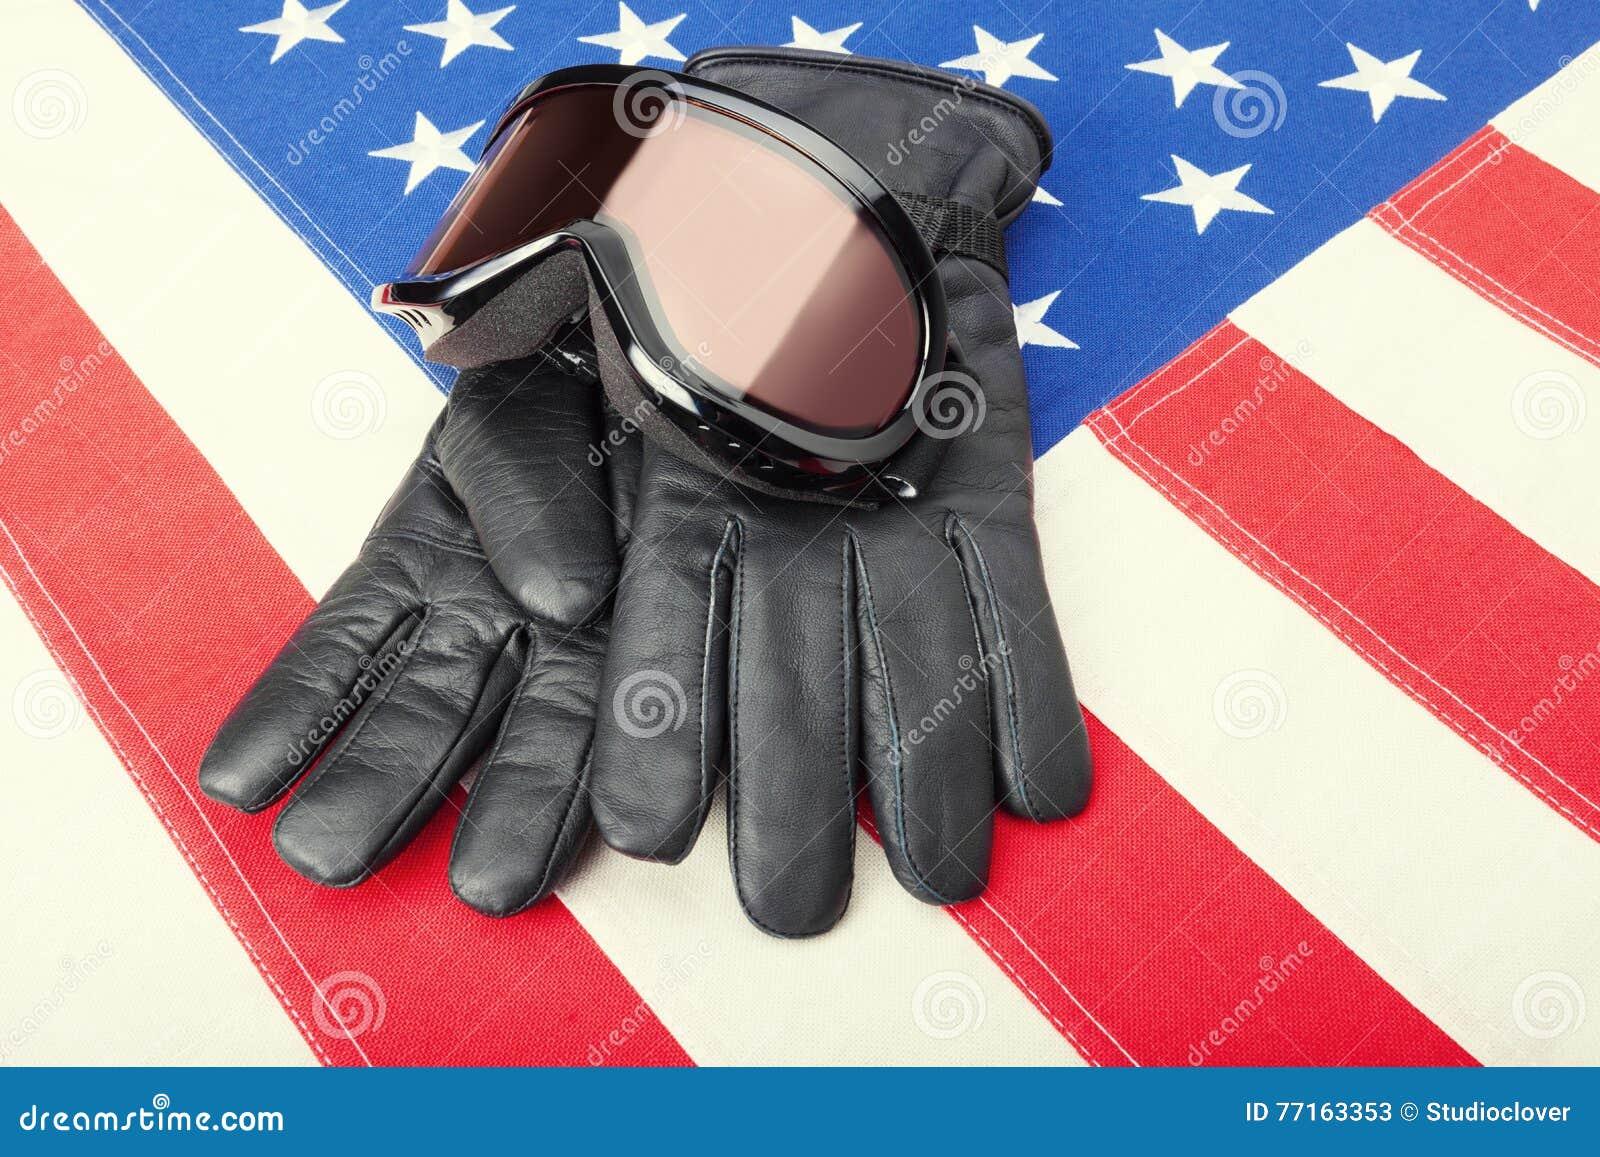 Des lunettes et des gants de ski au-dessus de drapeau des Etats-Unis - fermez-vous vers le haut du tir de studio